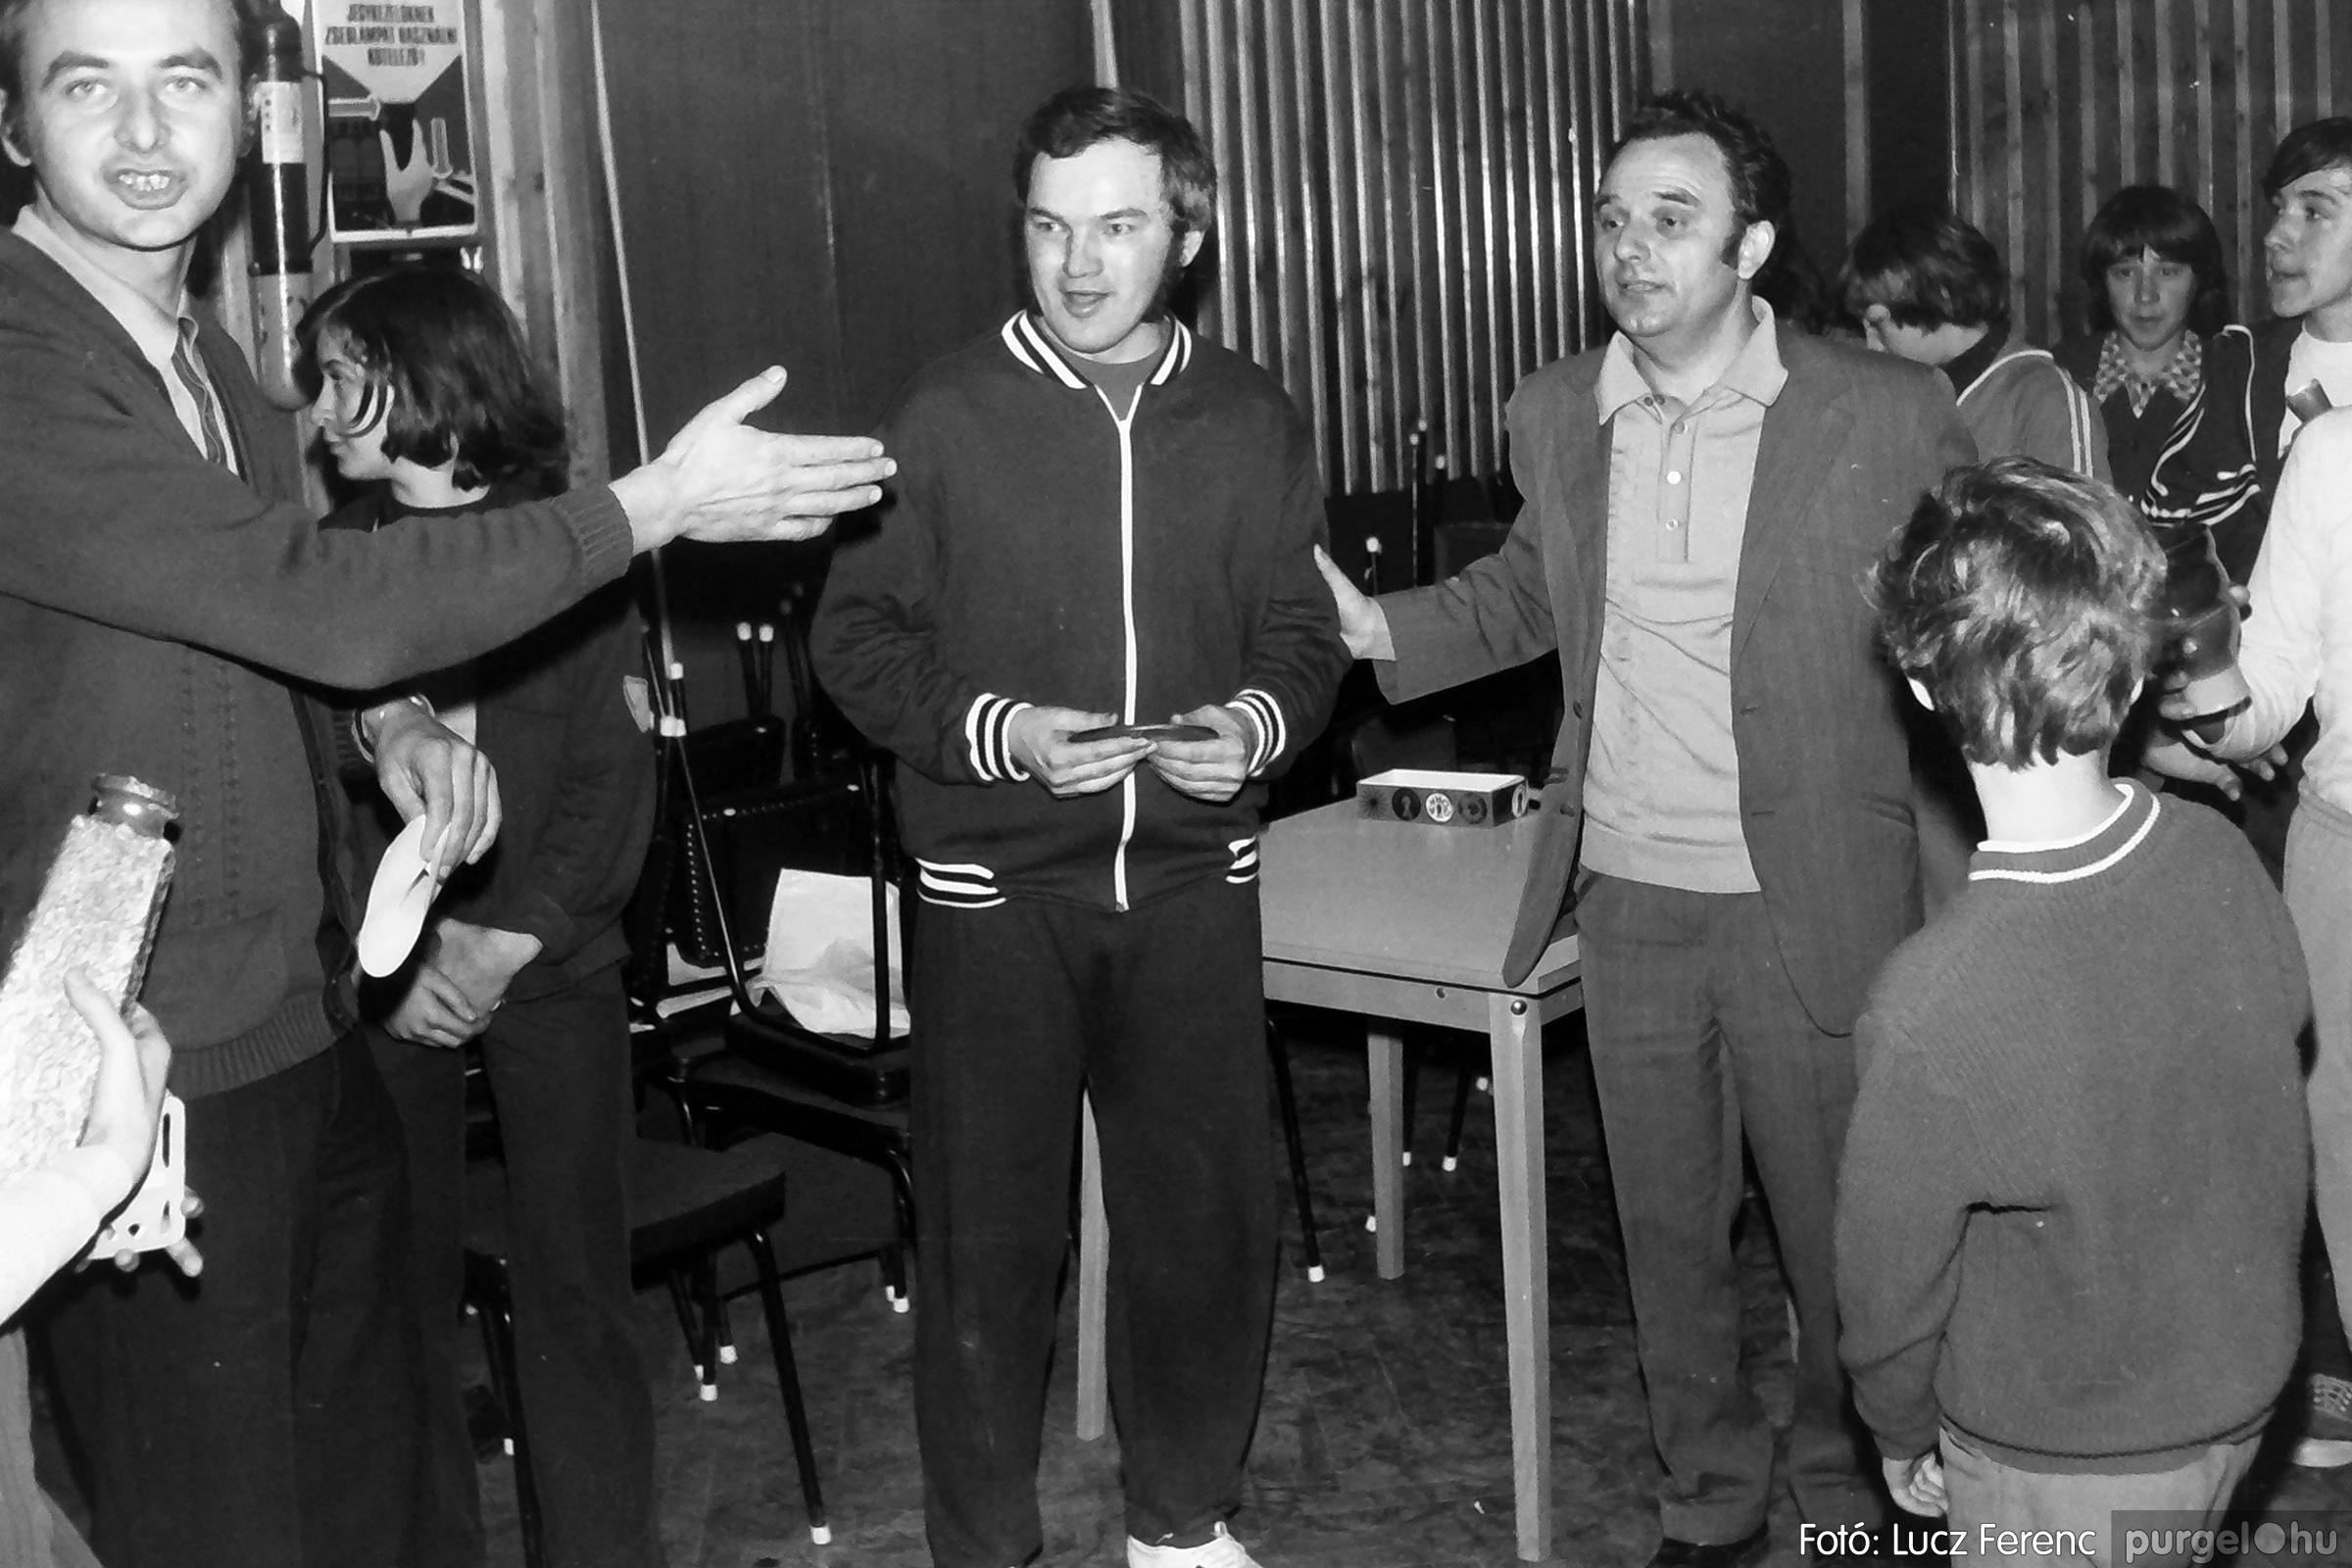 073. 1977. Asztaltenisz verseny 023. - Fotó: Lucz Ferenc.jpg